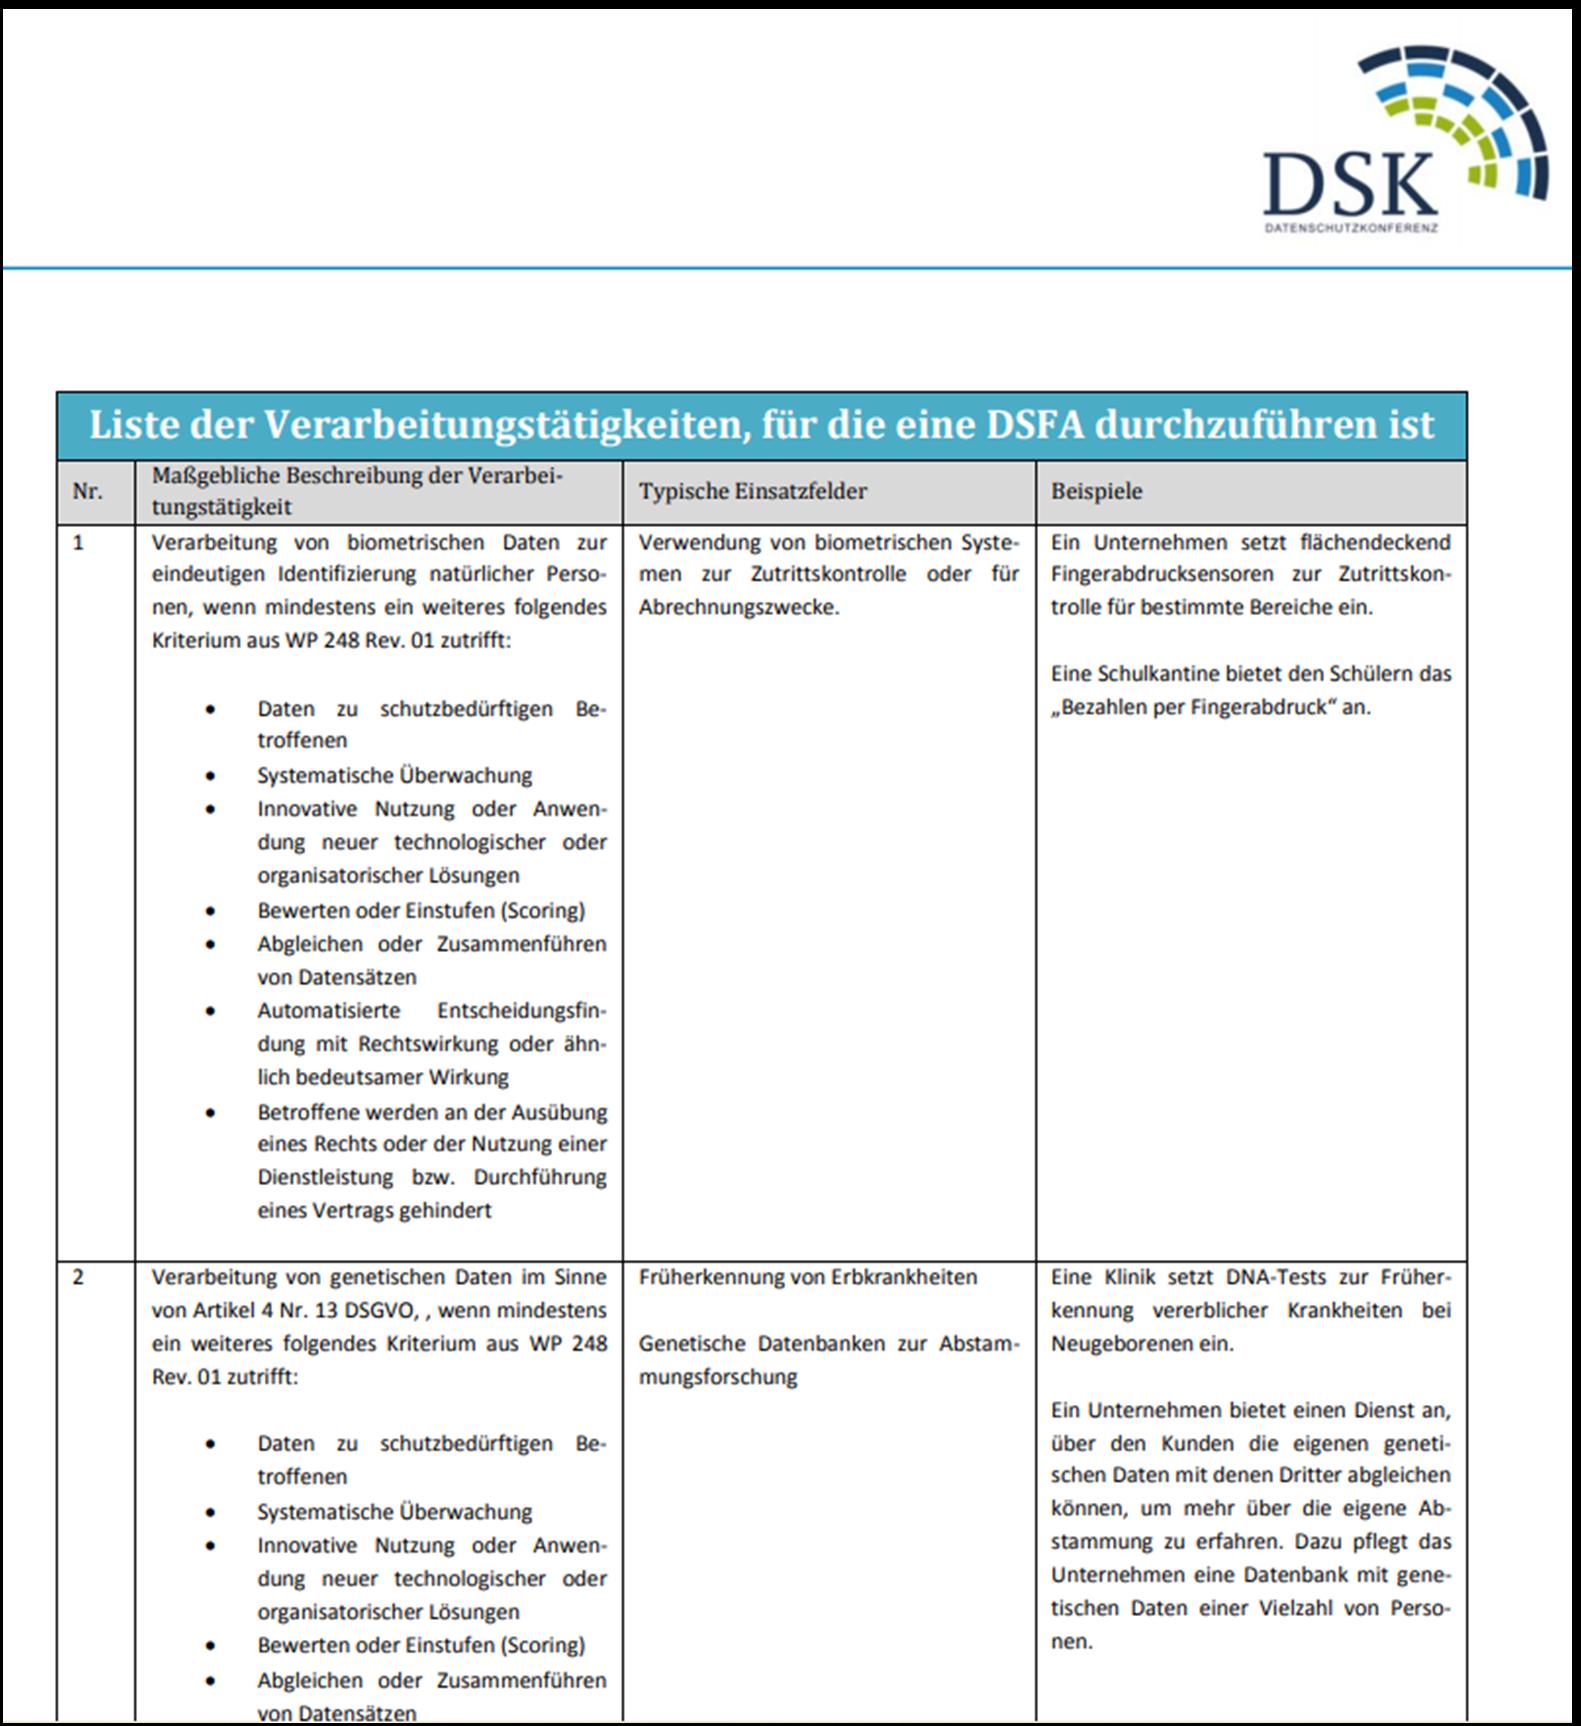 Screenshot der Liste der Verarbeitungstätigkeiten Datenschutz-Folgenabschätzung